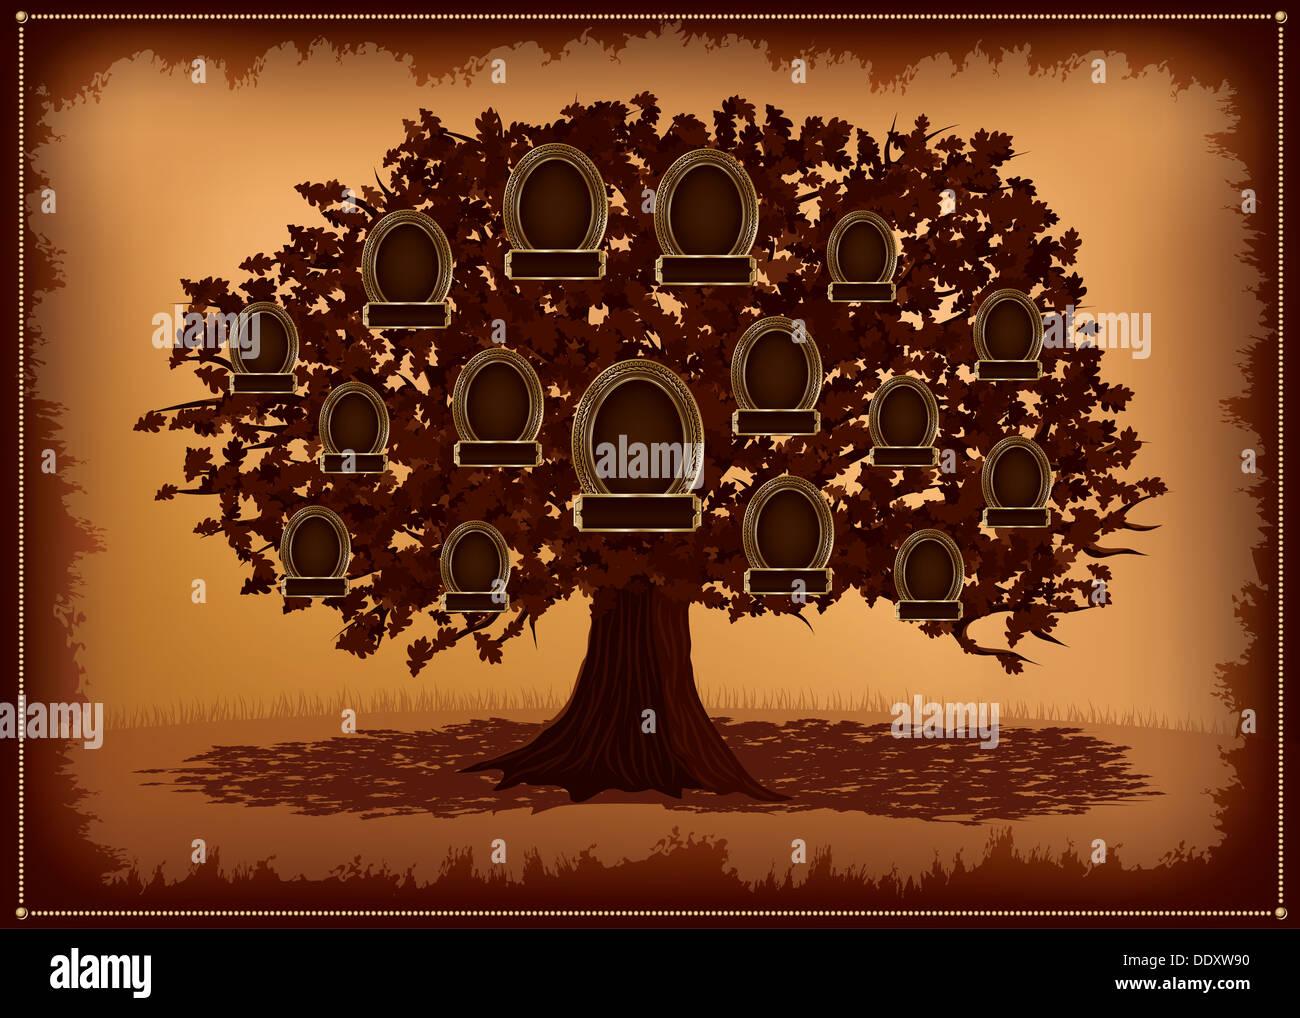 Árbol de la familia de vectores con marcos y hojas. Lugar para el texto. Imagen De Stock